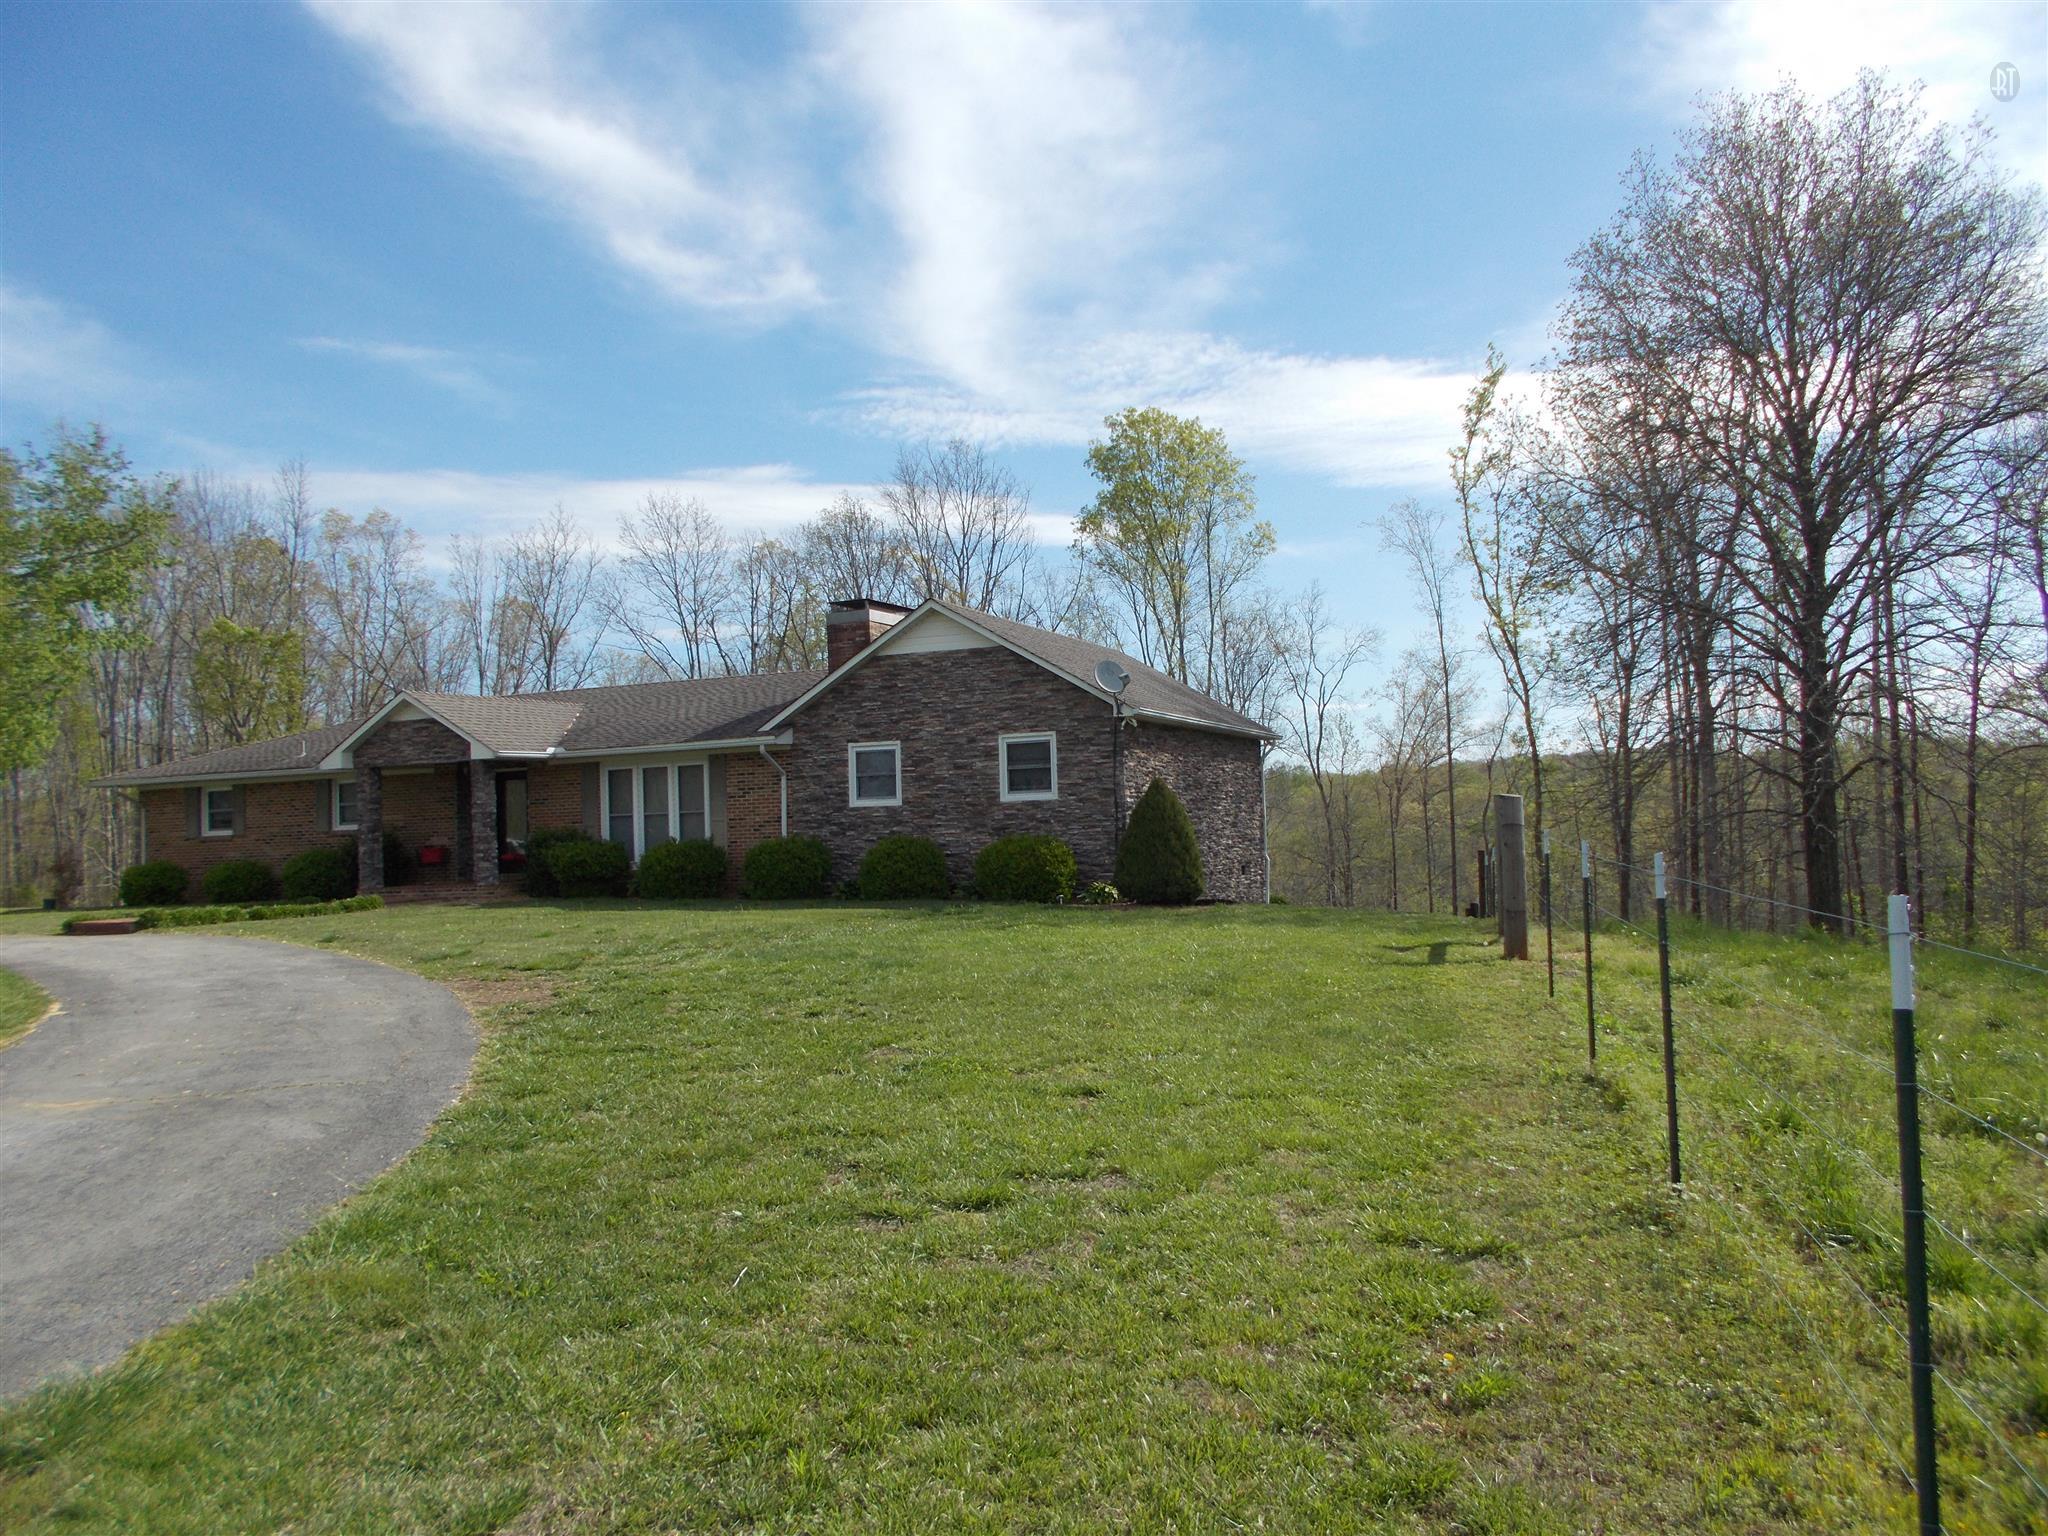 Real Estate for Sale, ListingId: 36493381, Leoma,TN38468